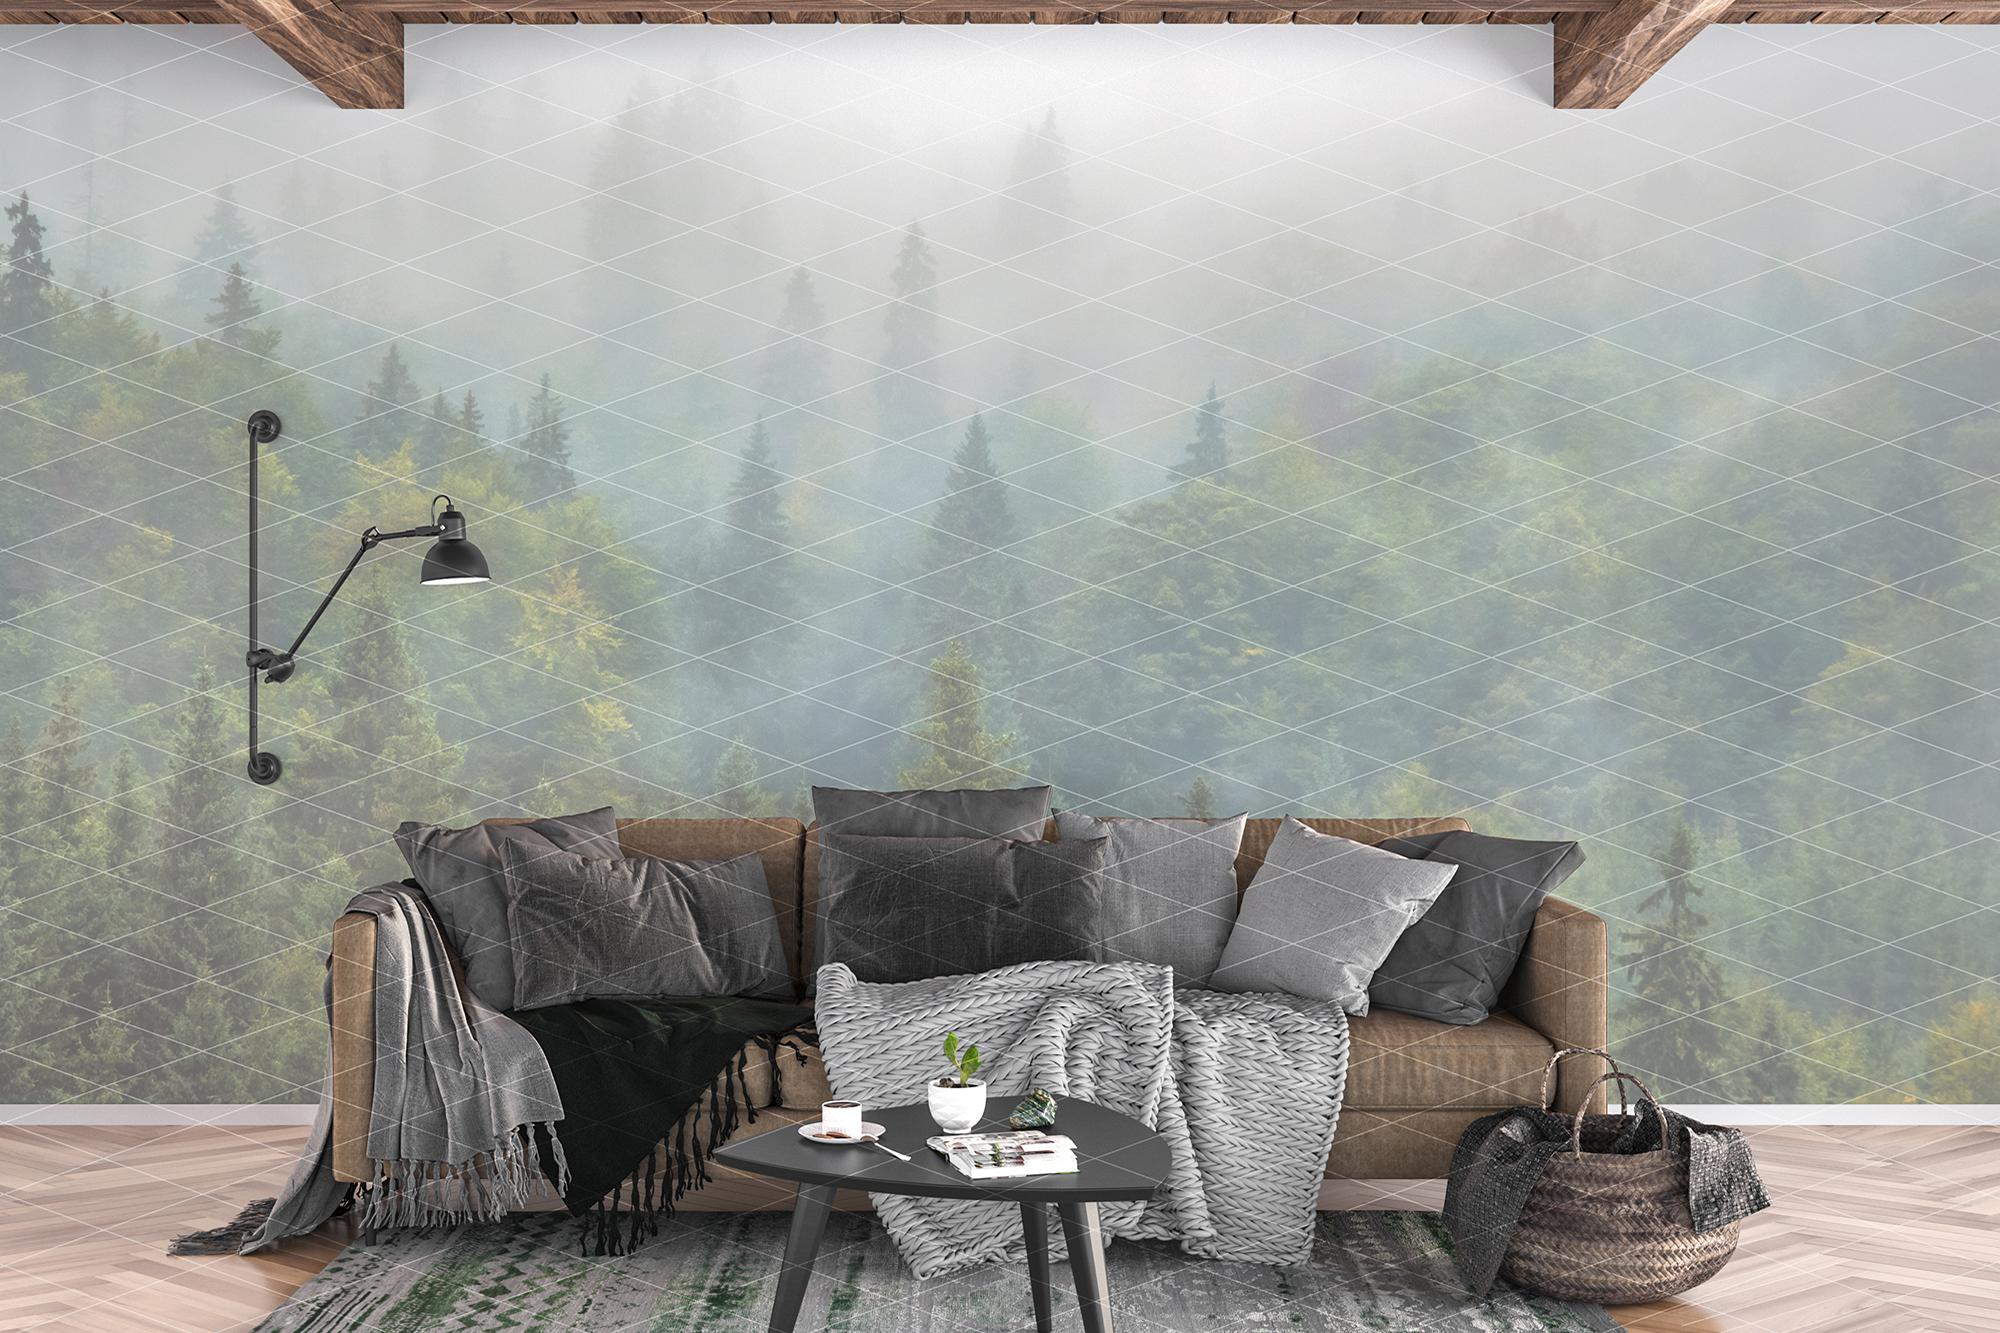 Wall mockup - wallpaper mock up example image 3